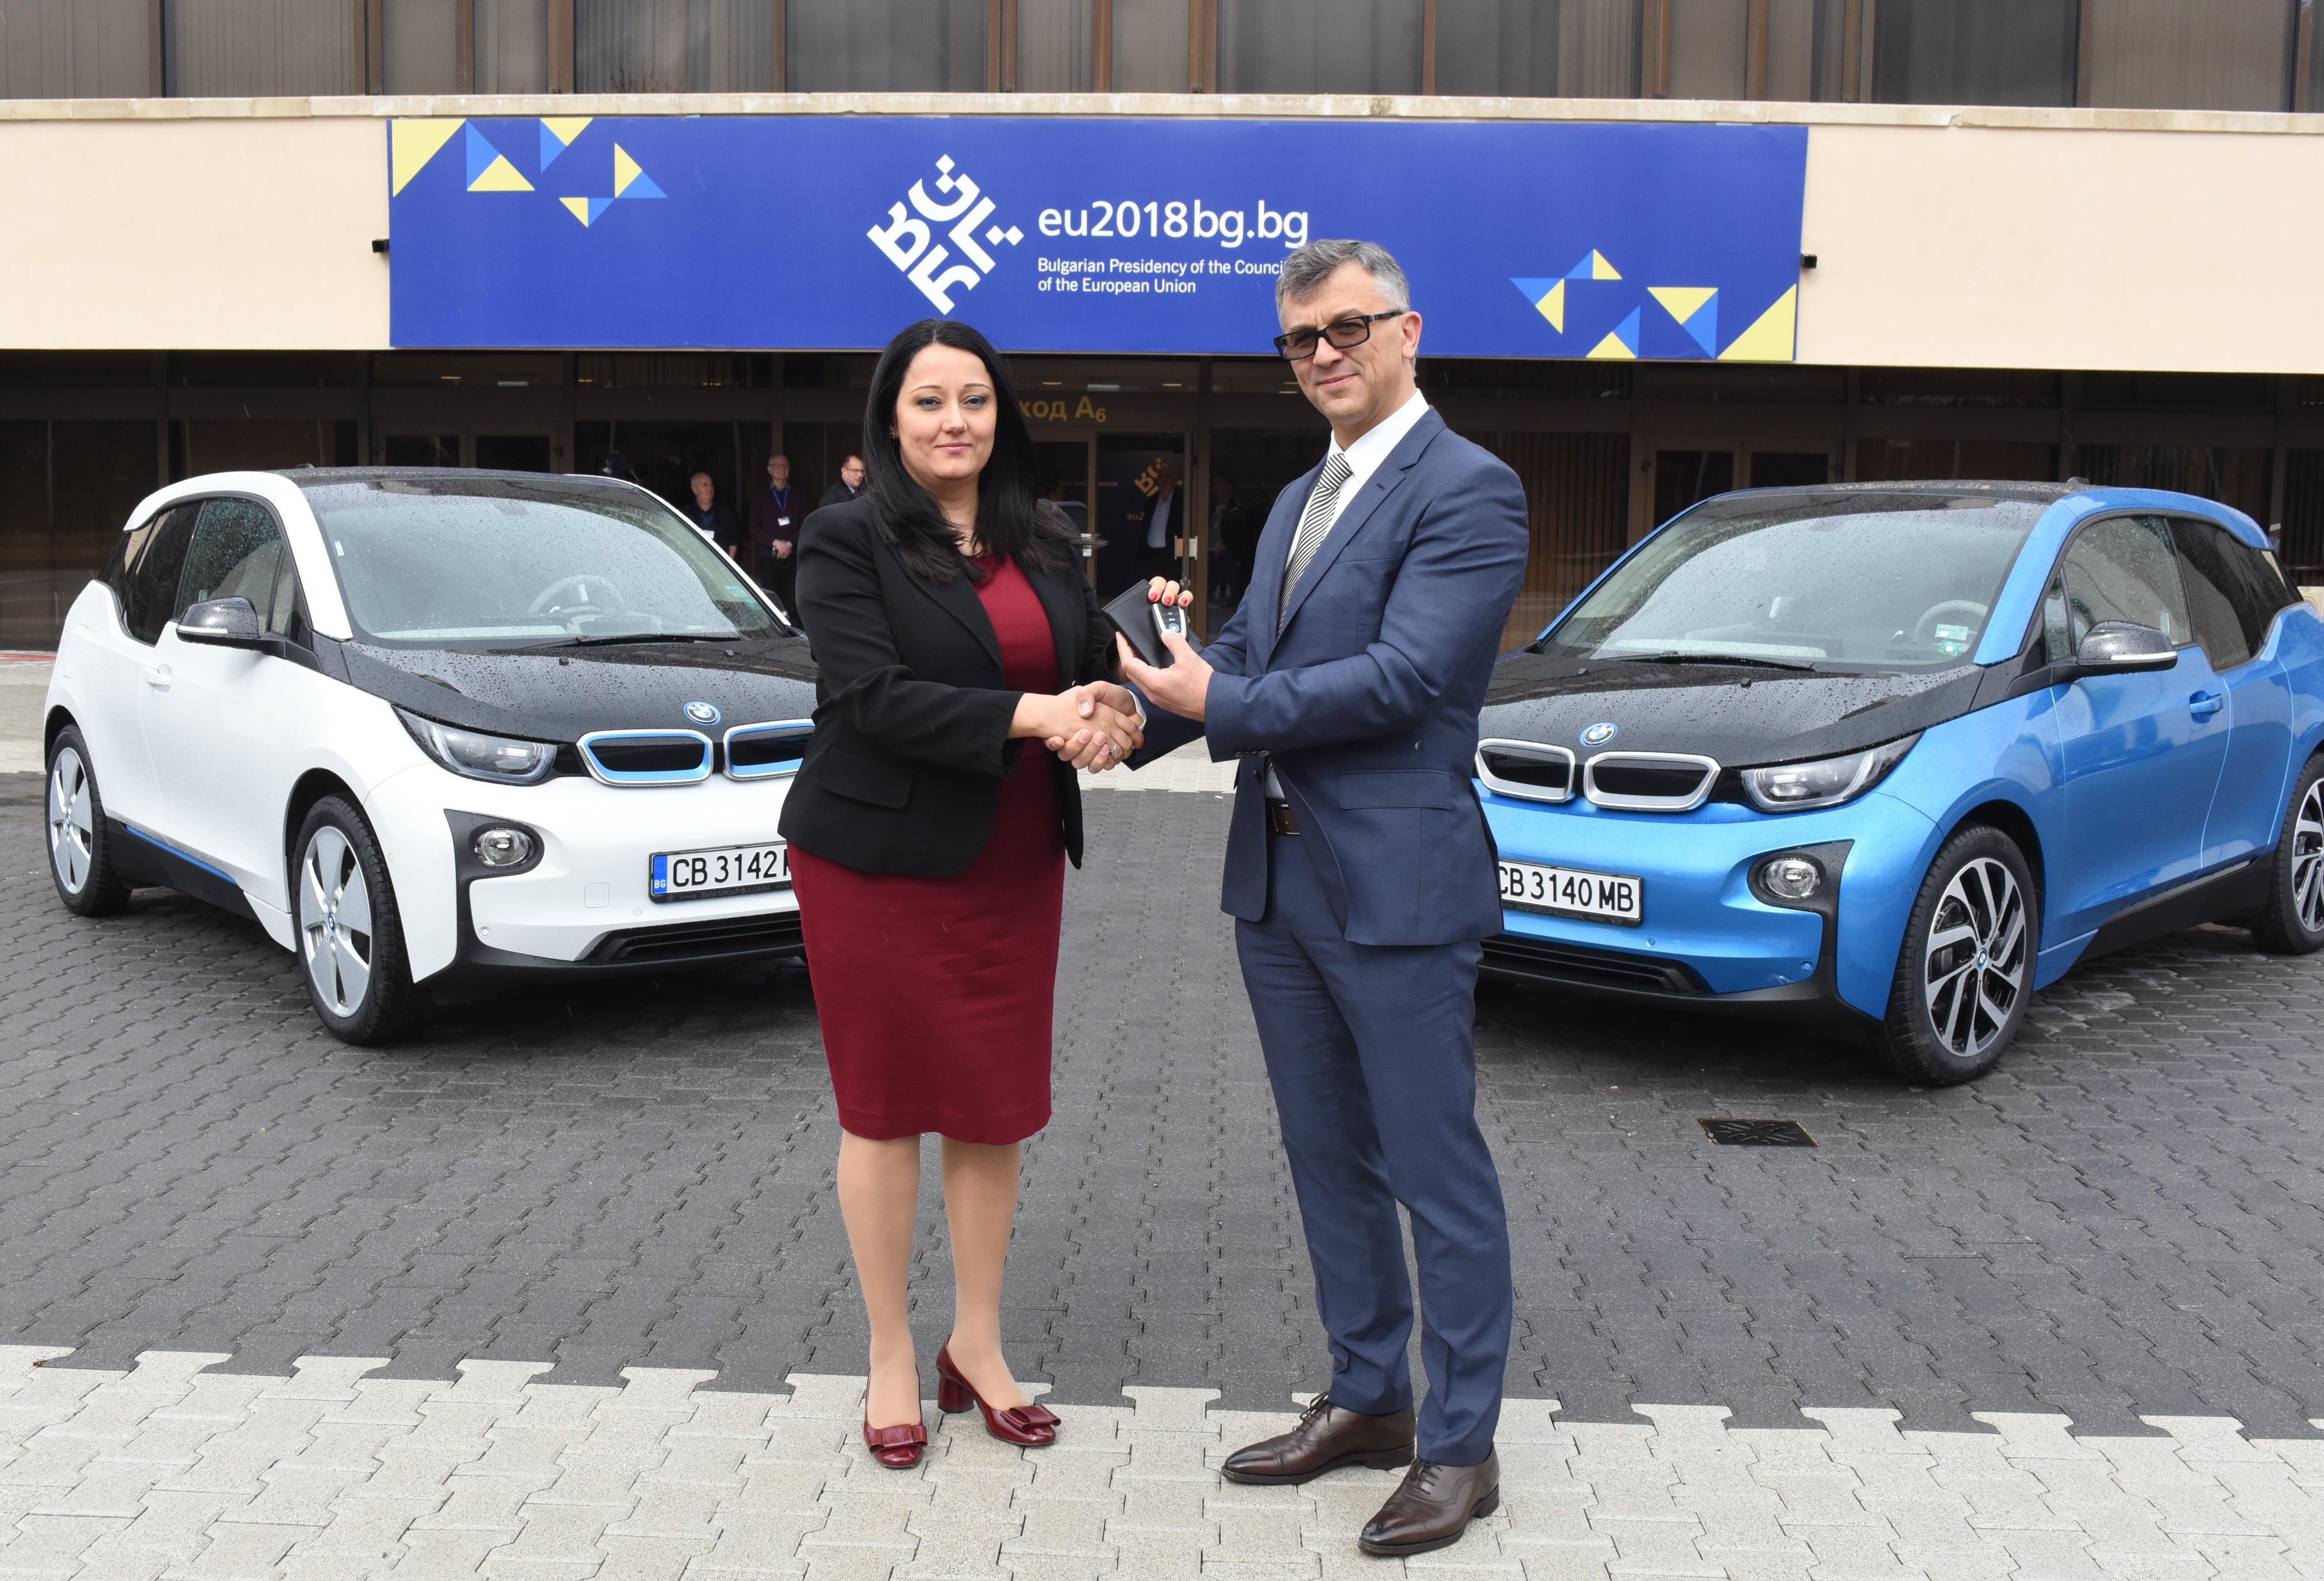 Павлова получи две електрически BMW-та за председателството